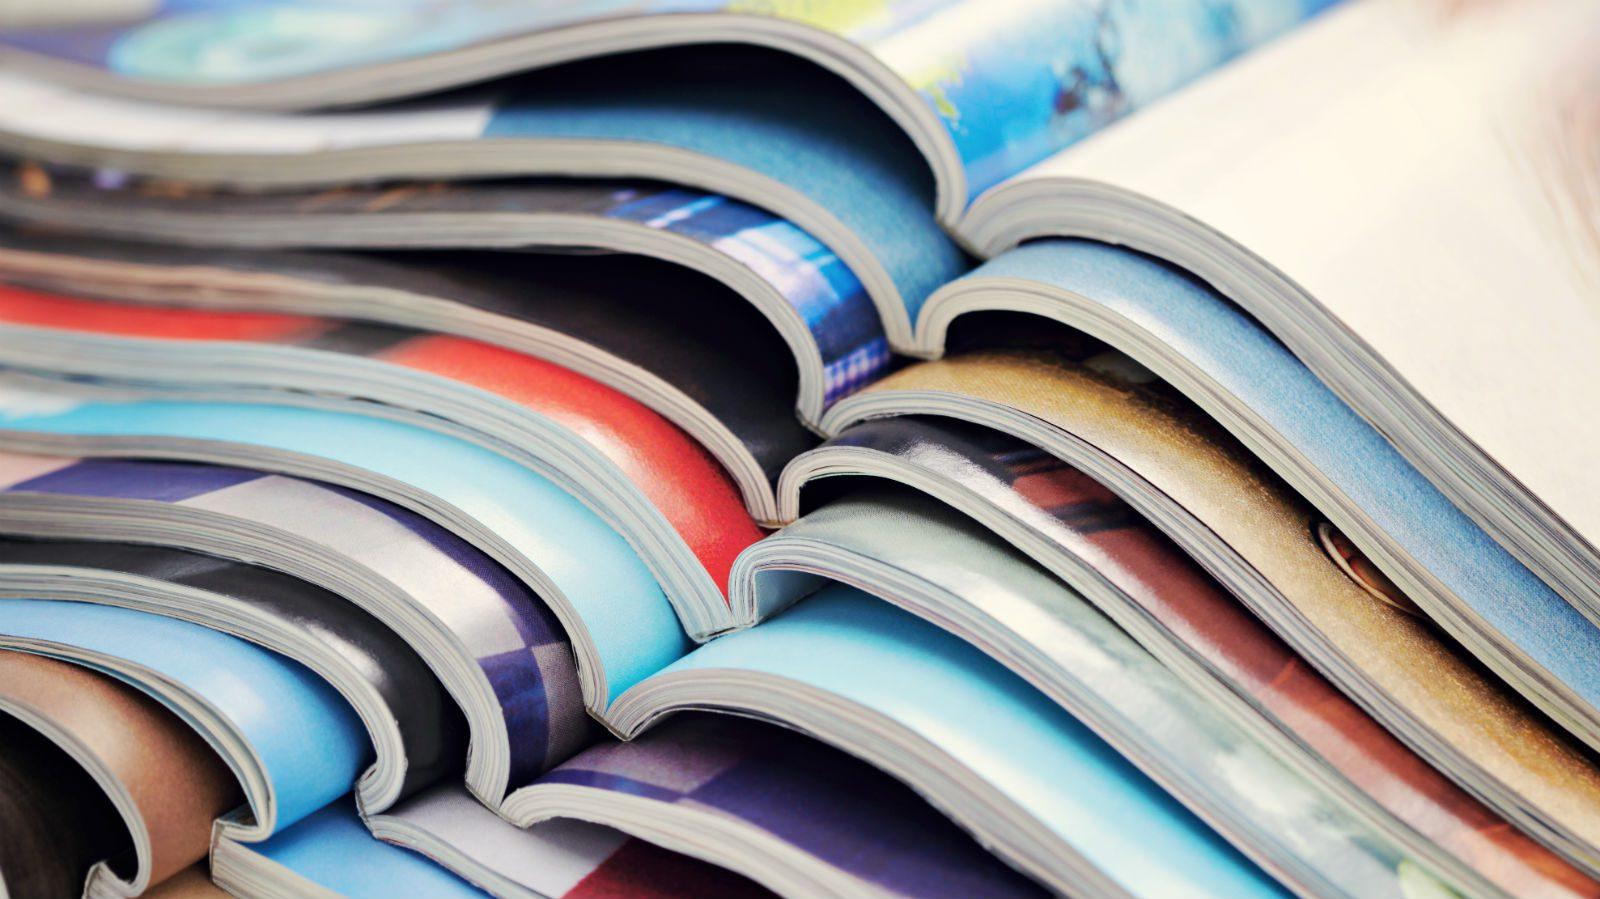 سرمایه فرهنگی مجلات ژانری سرمایه نمادین سرمایه اقتصادی پیر بوردیو